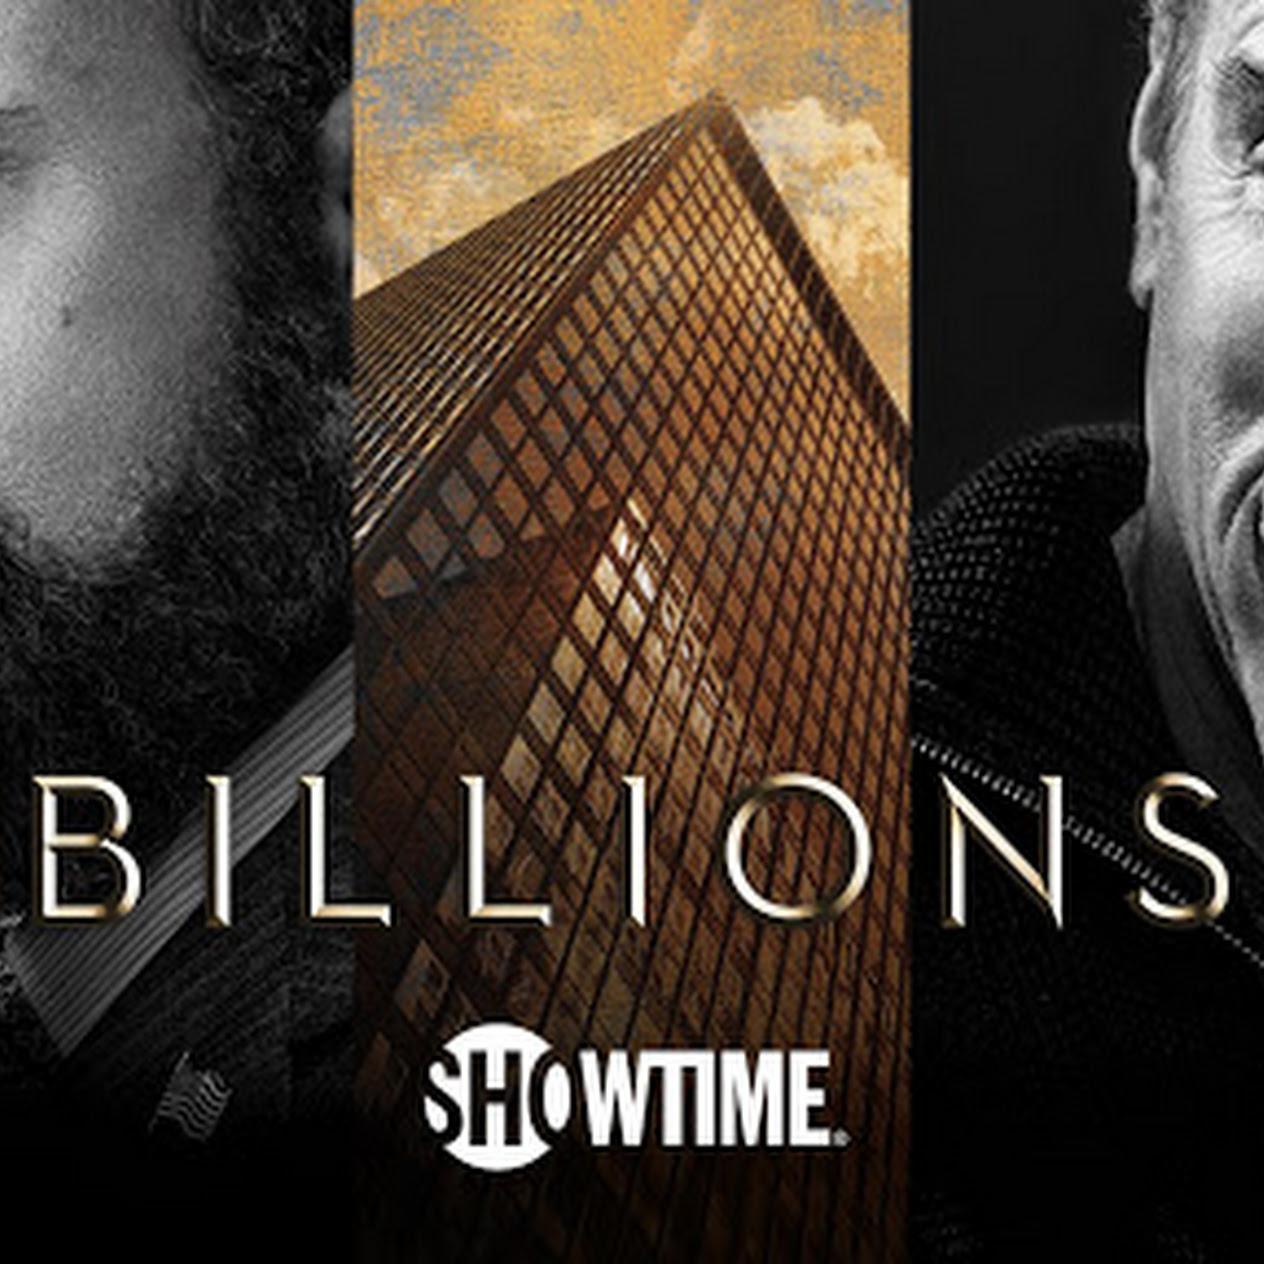 מיליארדים עונה 2 פרק 1 לצפייה ישירה הפרק המלא